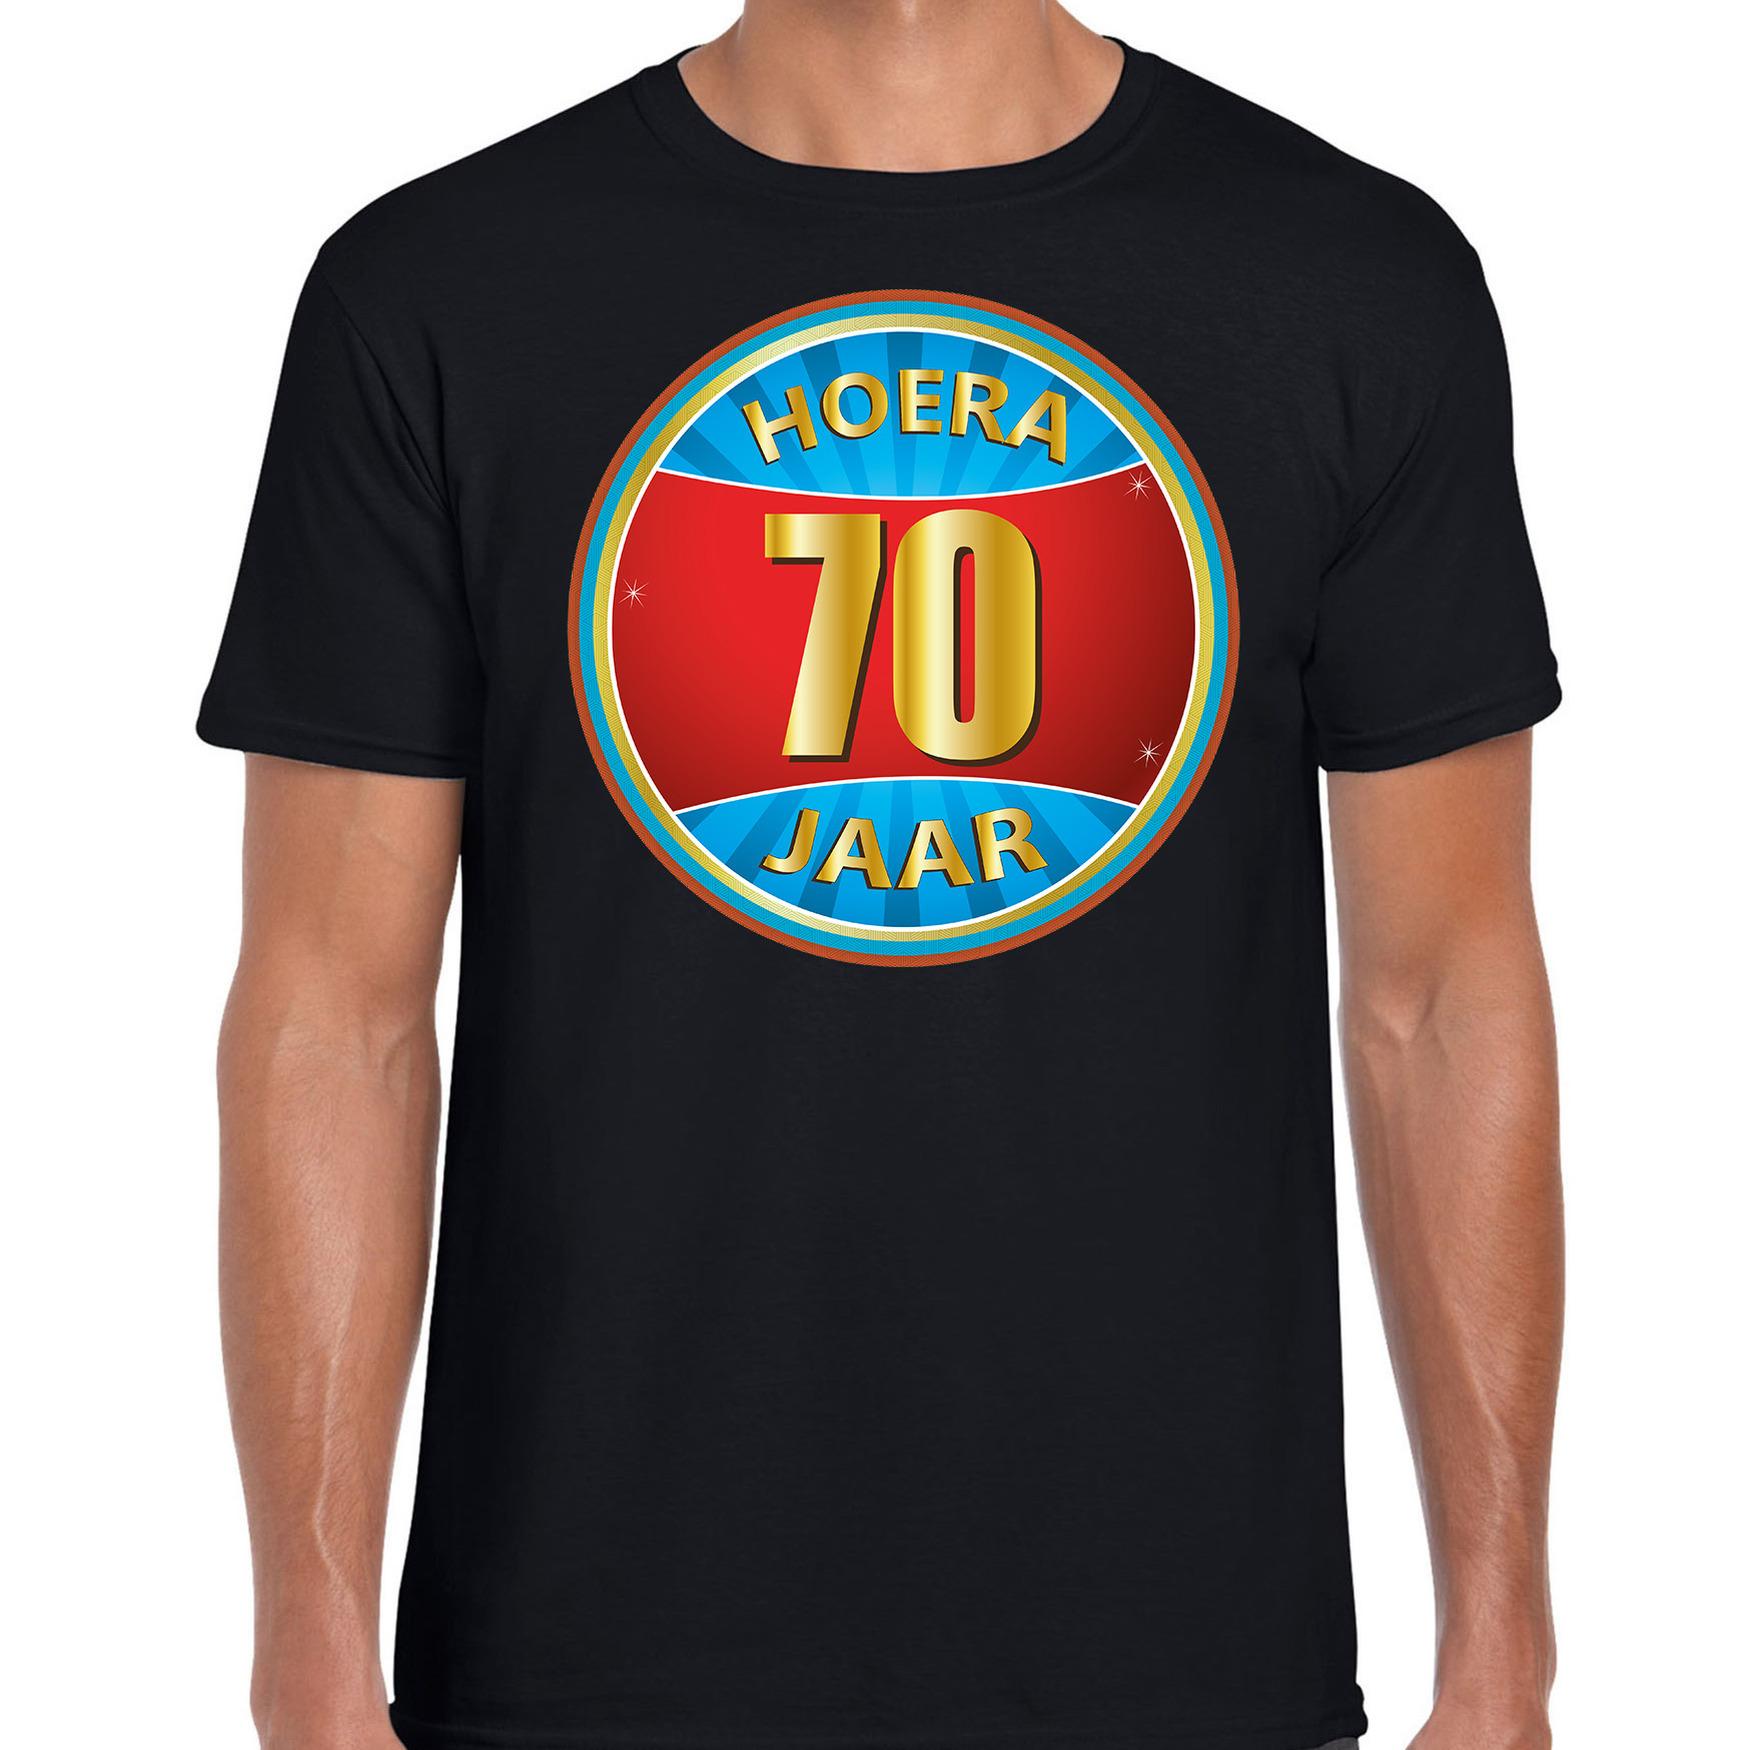 70e verjaardag cadeau t shirt hoera 70 jaar zwart voor heren